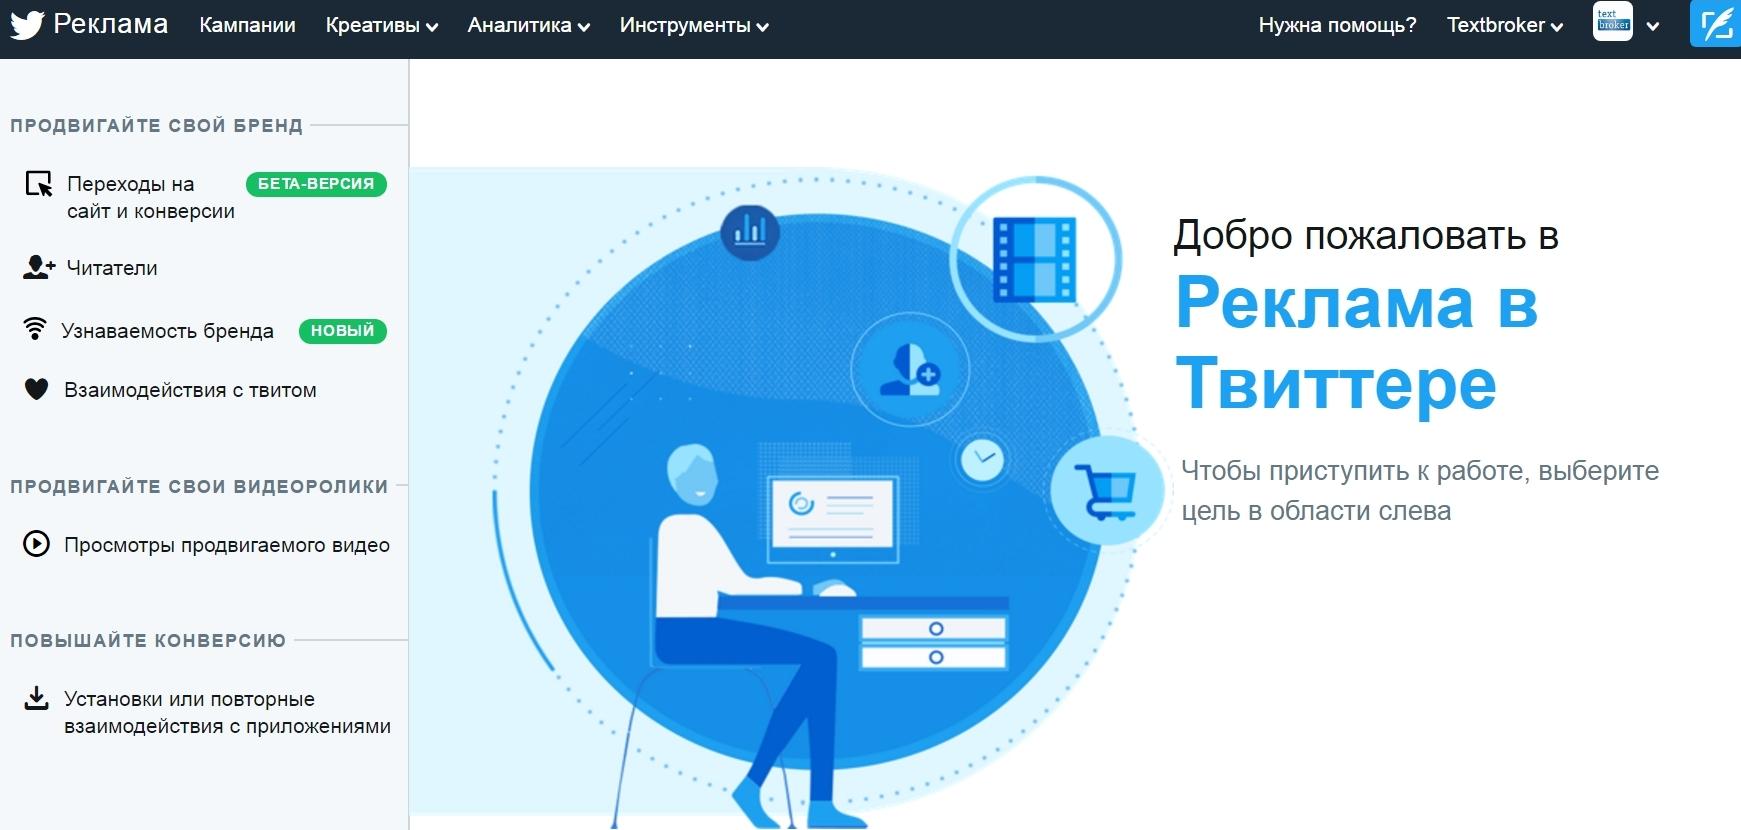 http://www.imageup.ru/img95/2794011/novaya-kampaniya-opera-2017-06-11-171101.jpg